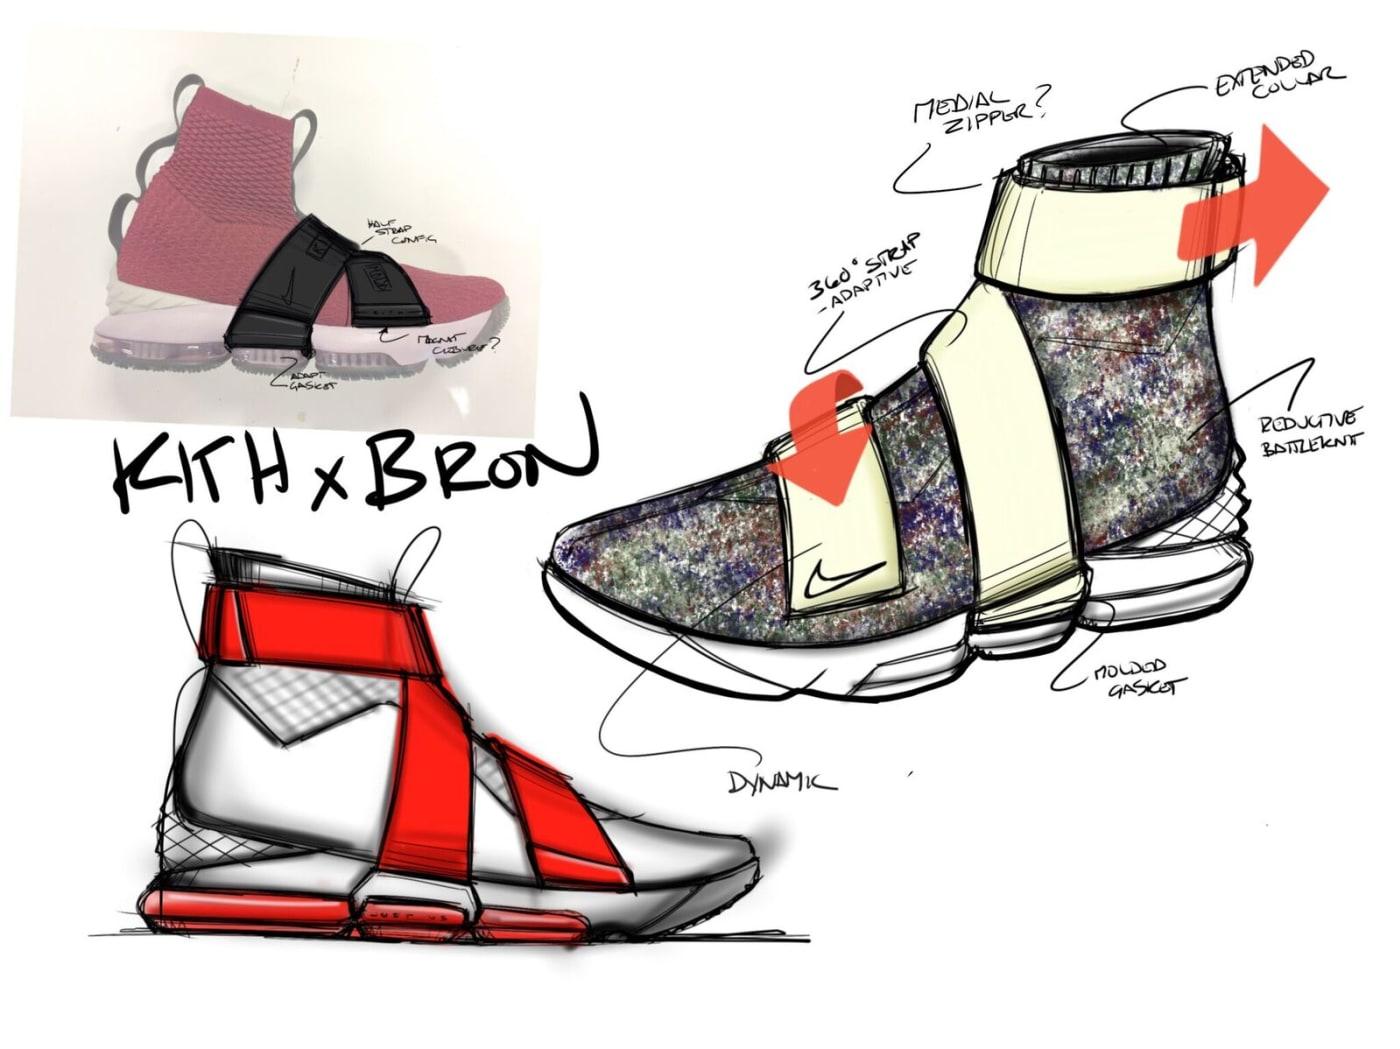 Kith x LeBron sketch